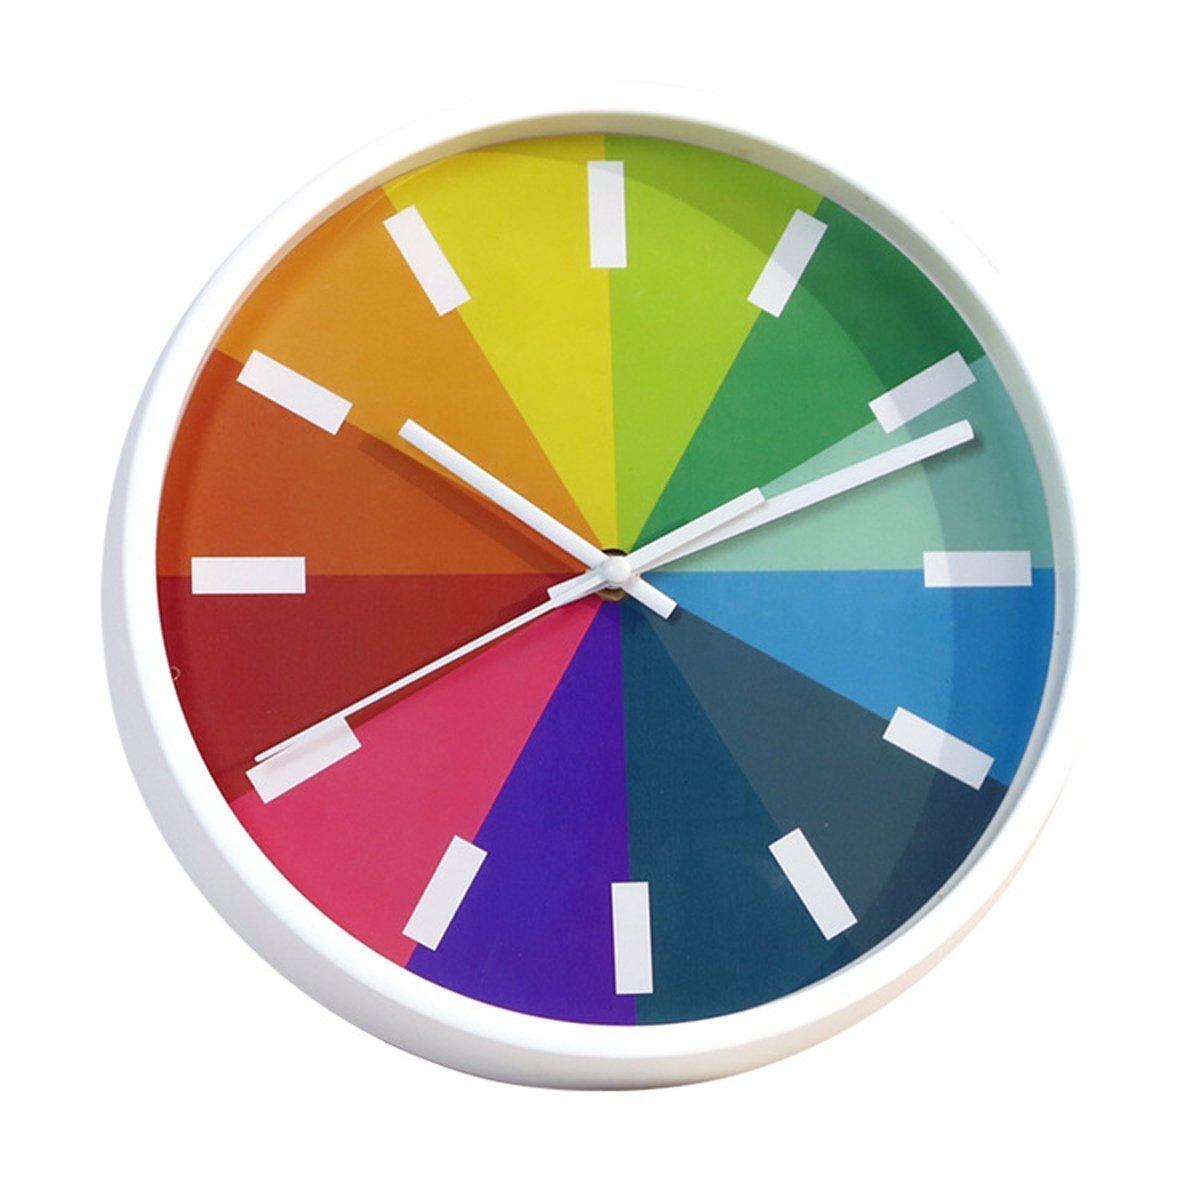 Foxtop 25 cm Orologio da Parete Silenzioso per Bambini gli Studenti, Stile Moderno, Orologio Parete Bianco